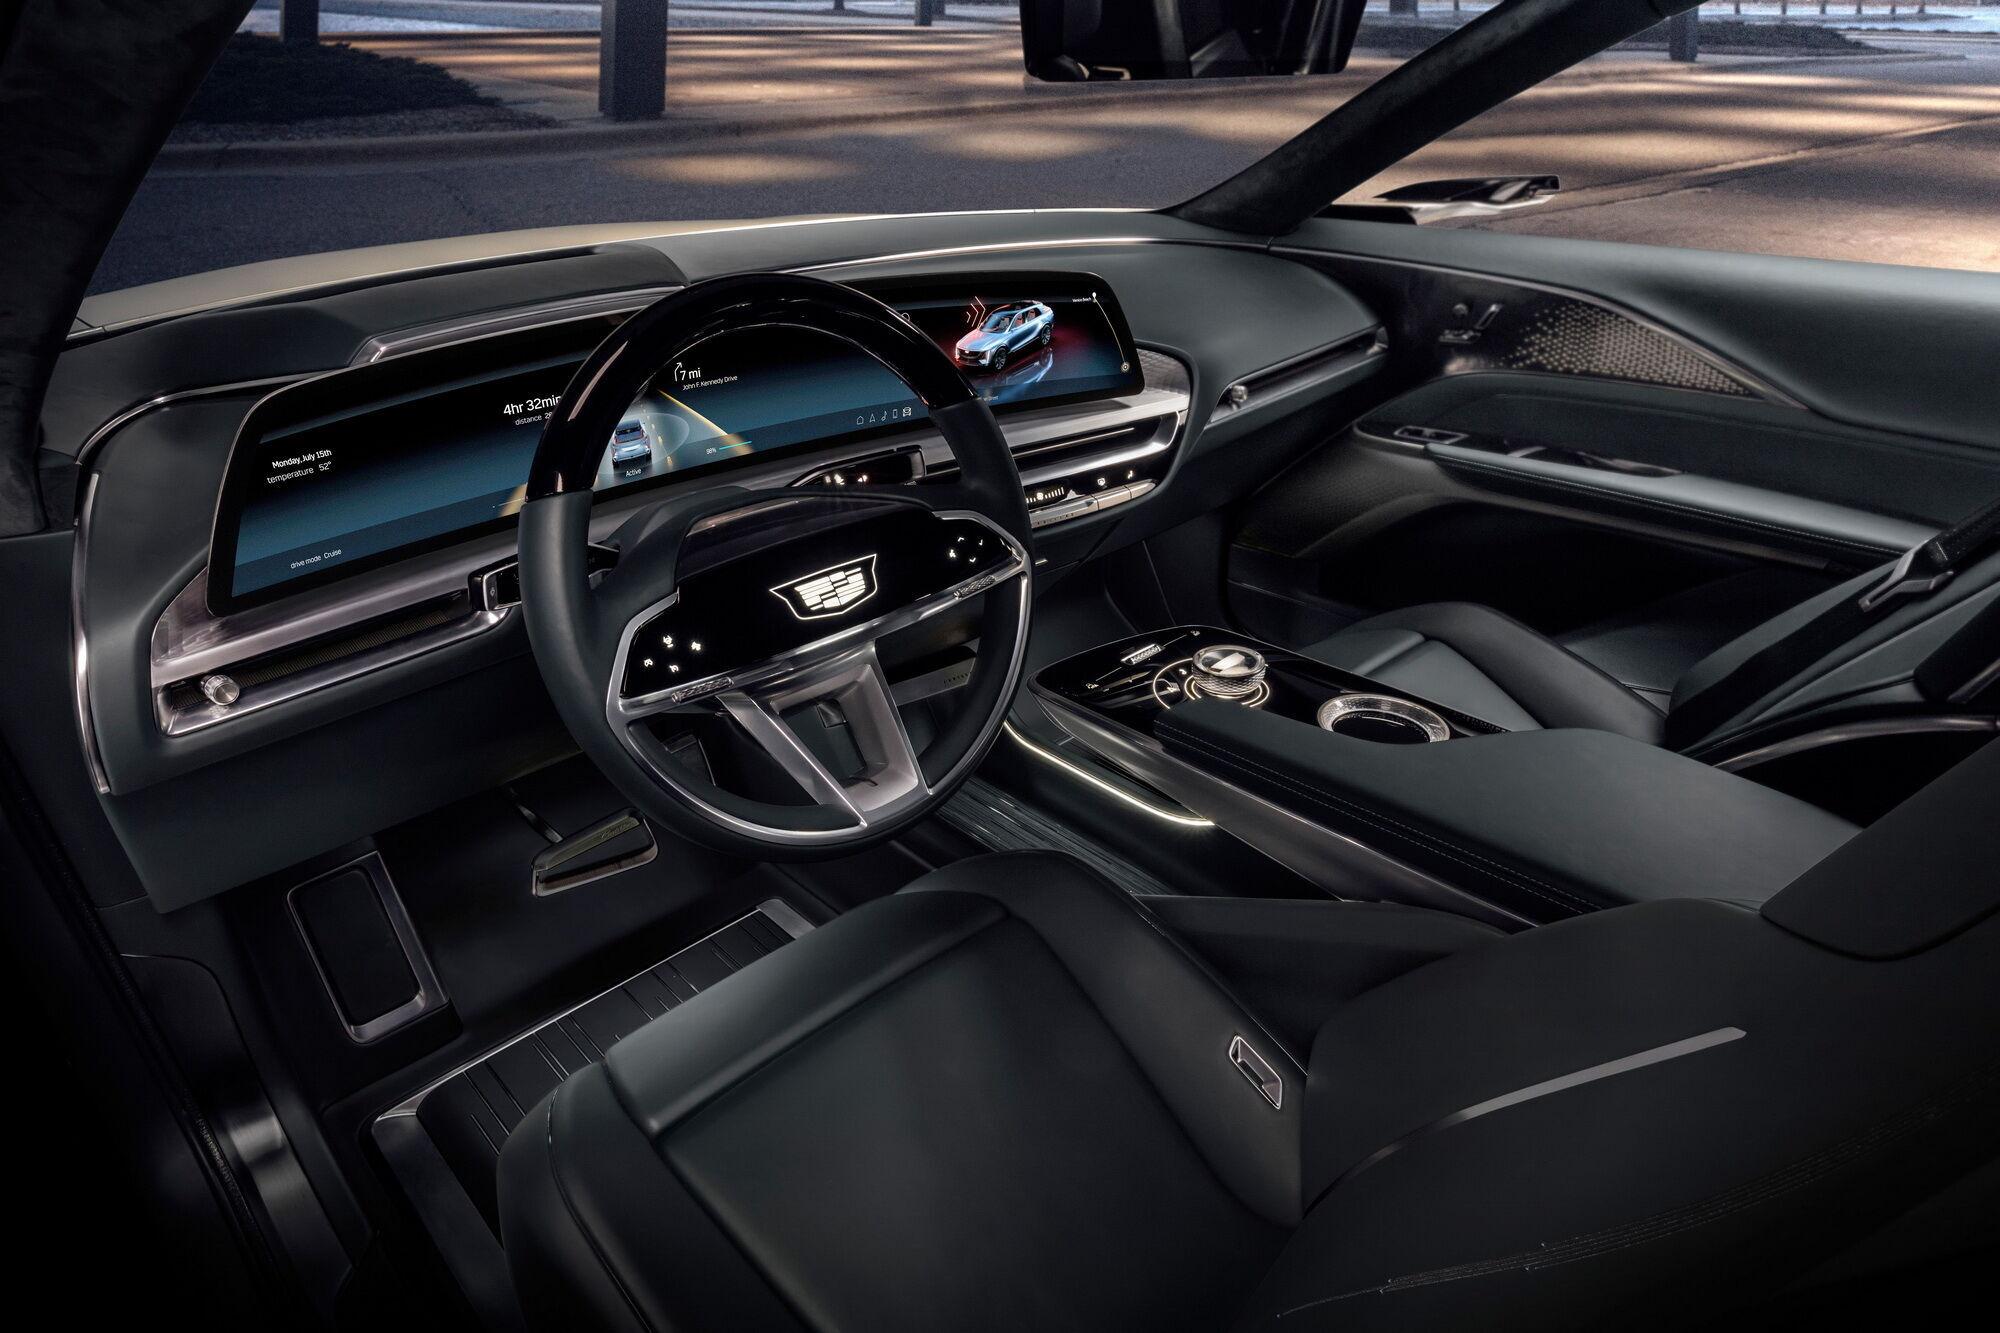 Cadillac Lyriq отримає багату базову комплектацію з цифровим кокпітом та великим 33-дюймовим дисплеєм